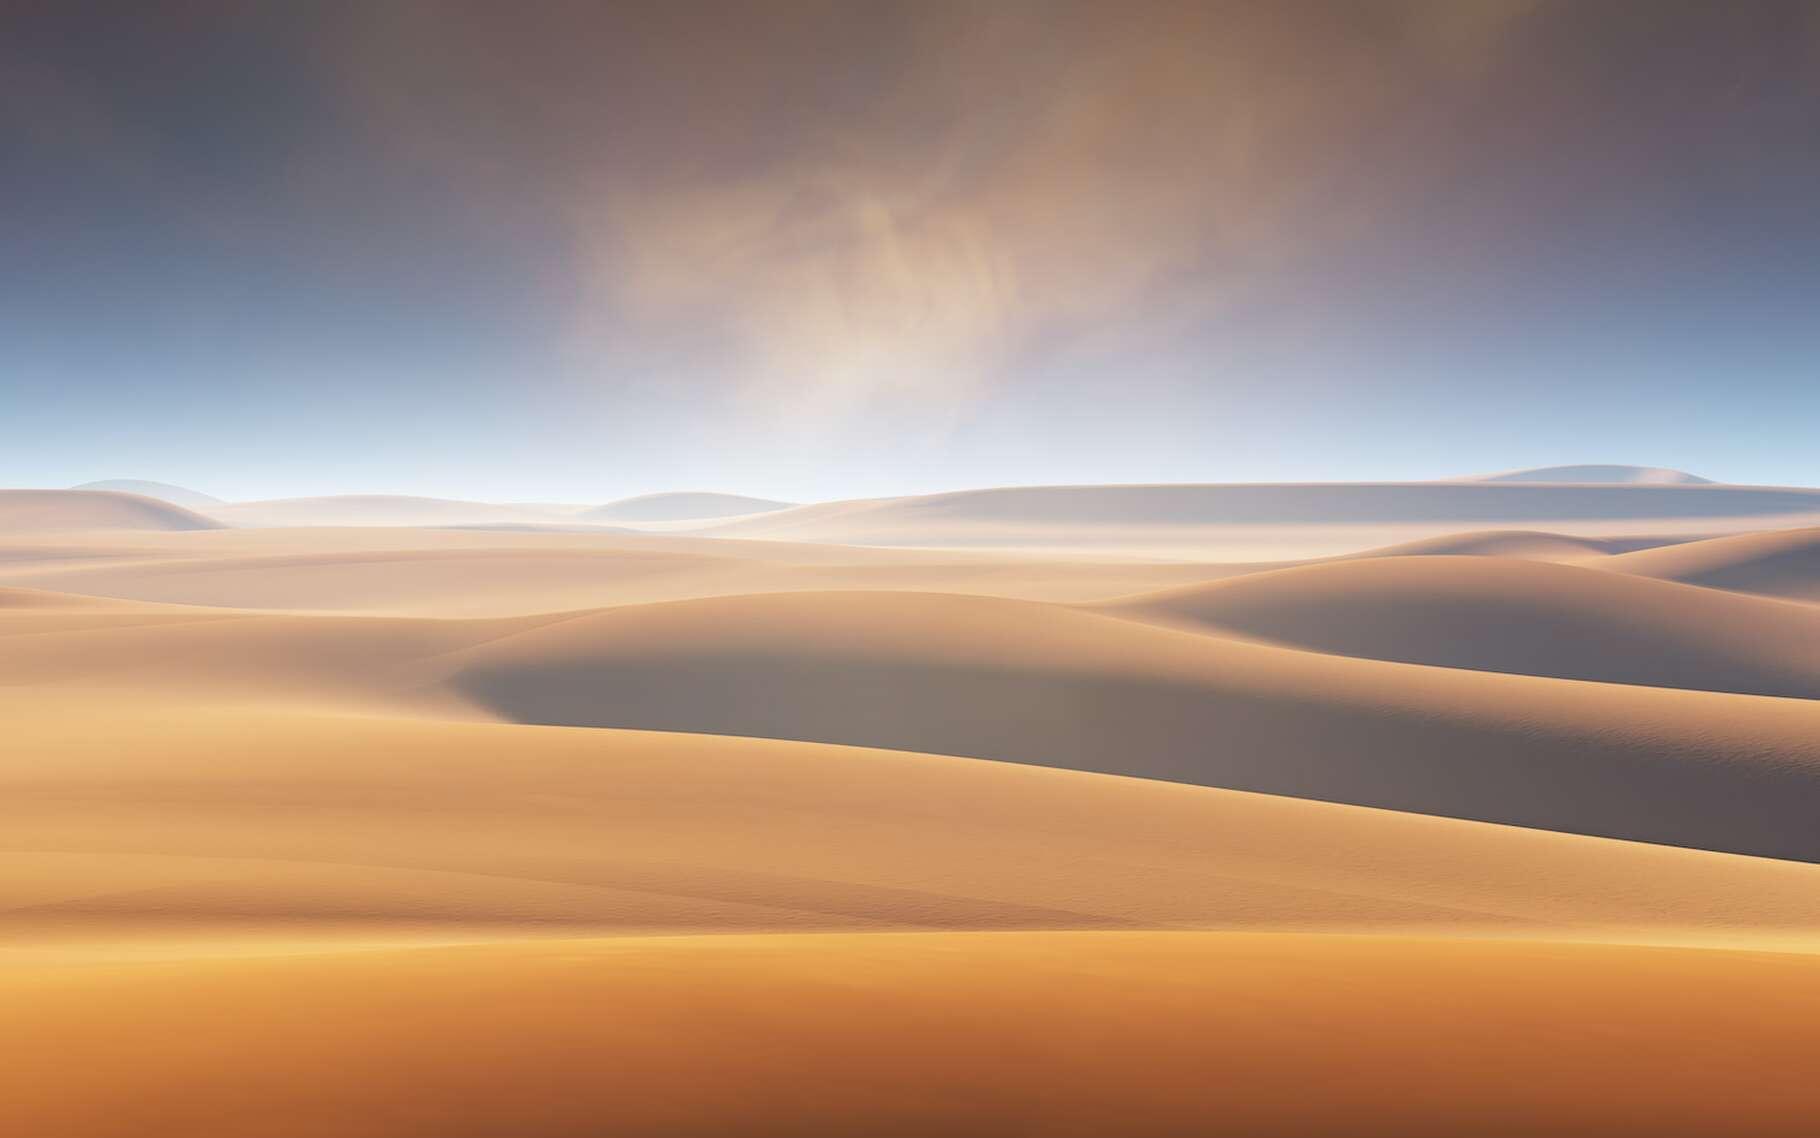 Lorsque les conditions sont réunies, des poussières de sable du Sahara peuvent atteindre la France et teinter notre ciel d'orange. Avec quelques conséquences fâcheuses sur la qualité de l'air. © Peter Jurik, Adobe Stock